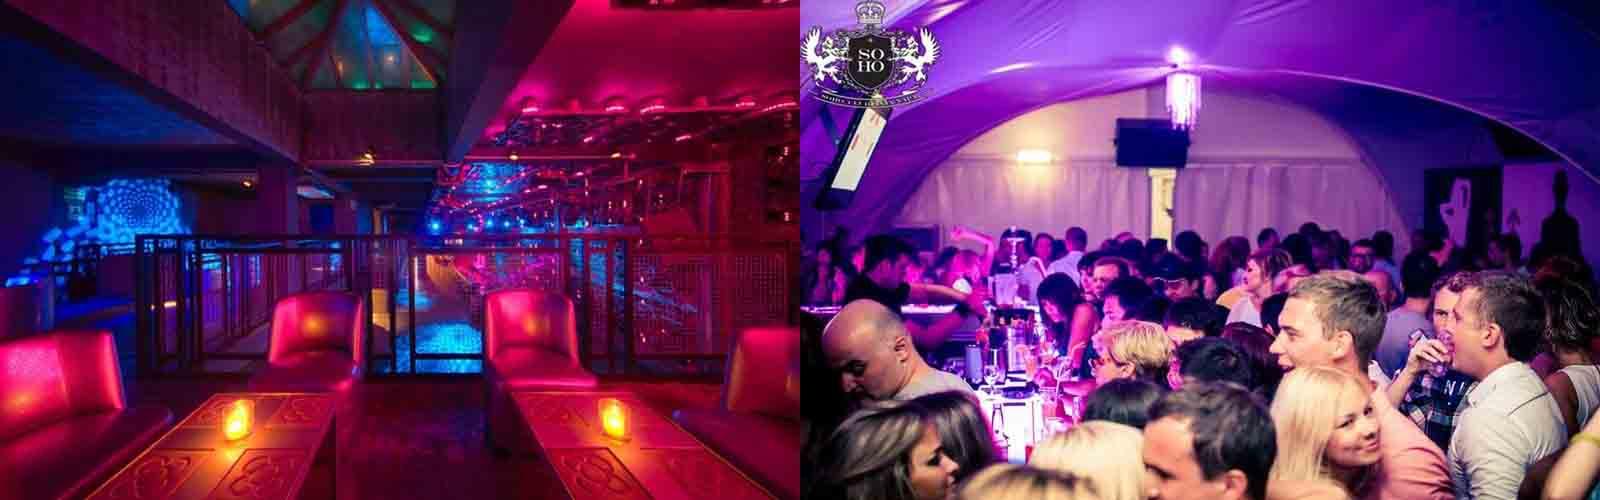 Bezoek Nachtclub Catwalk voor een geweldige avond